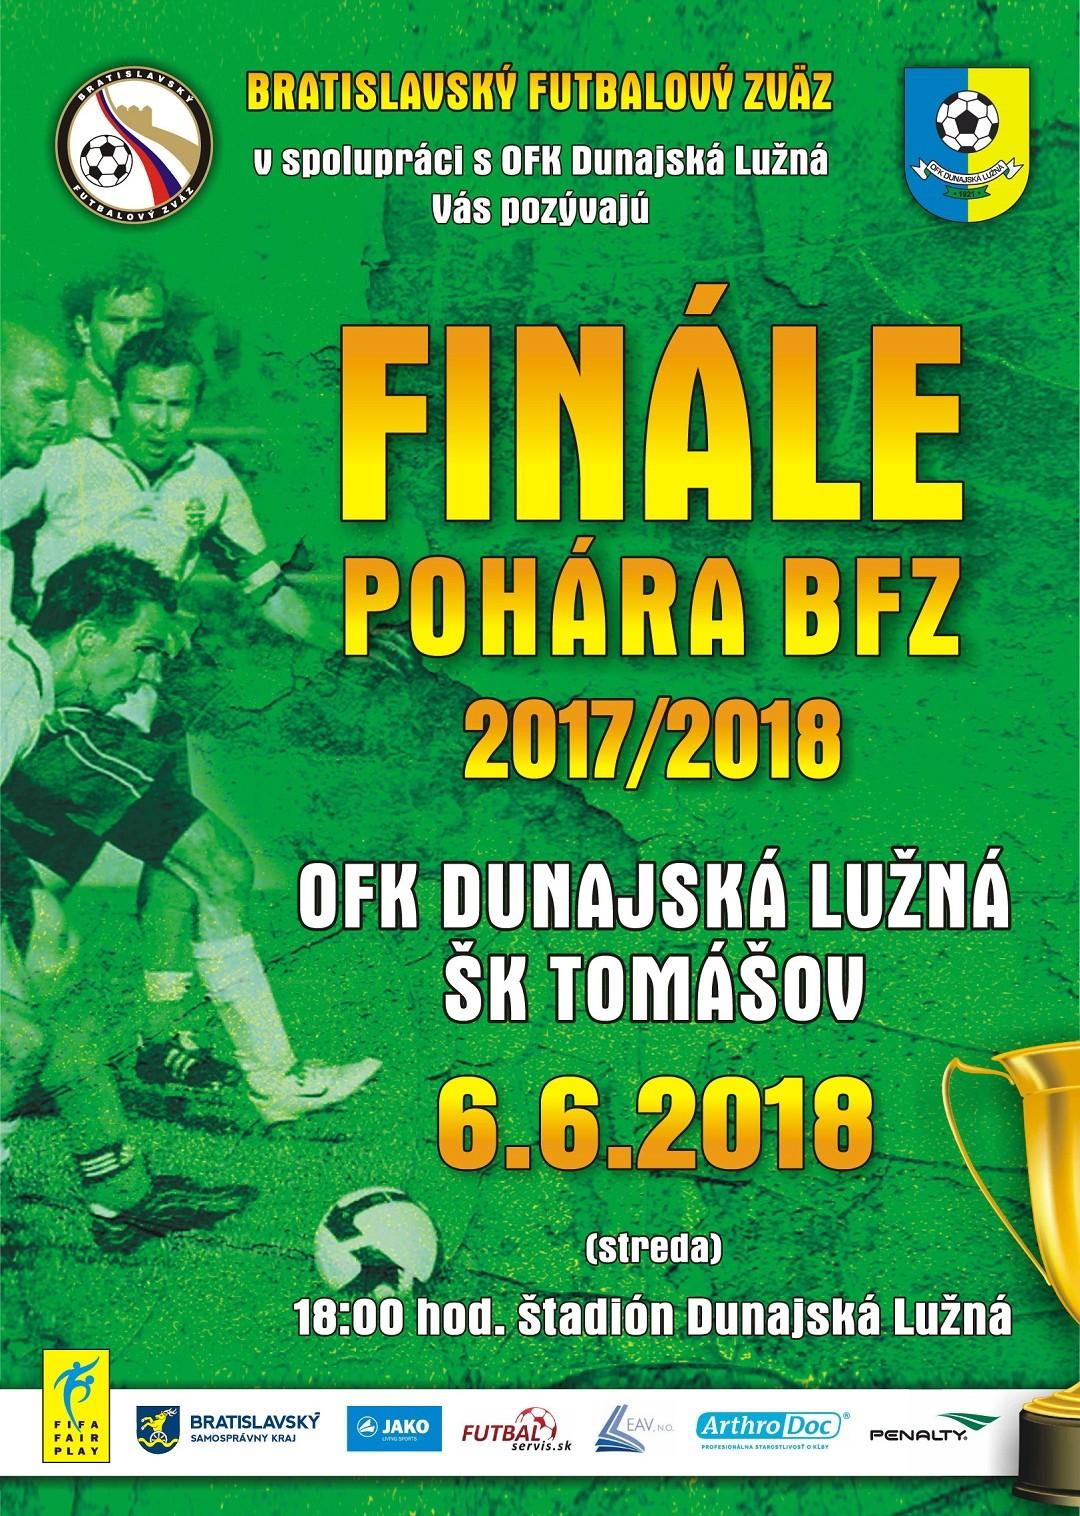 Finále pohára BFZ v stredu 6.6.2018 o 18:00 hod. v Dunajskej Lužnej